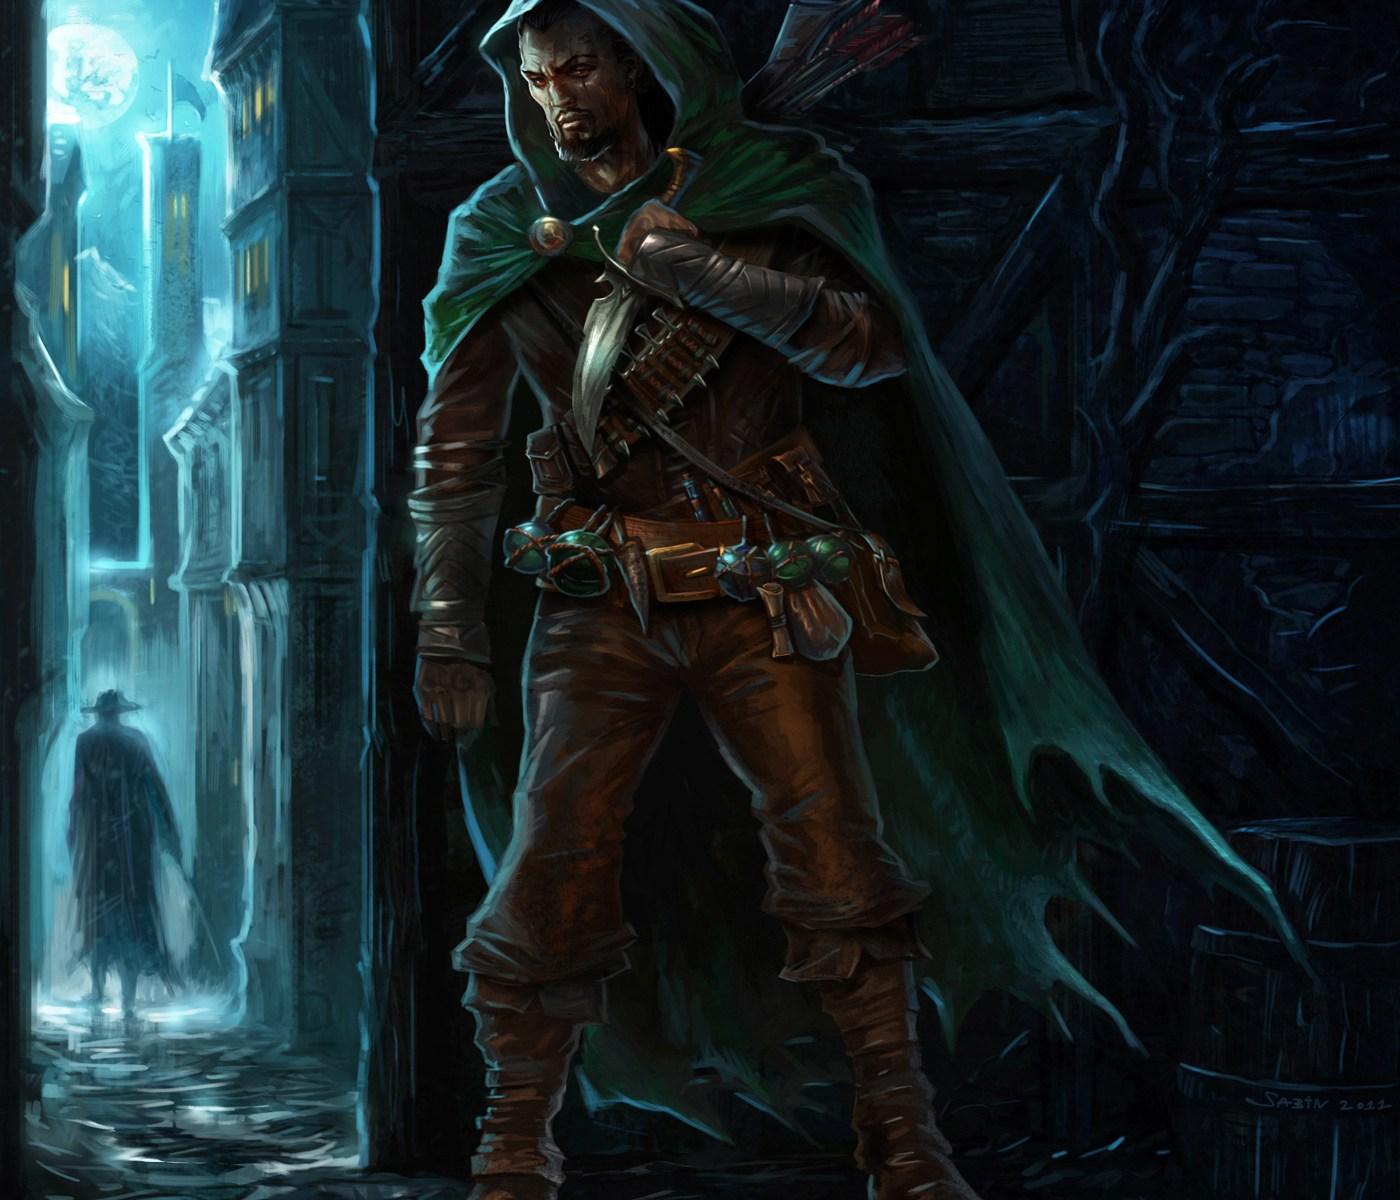 D&D, DnD, D&D 5e, DnD 5e, Dungeons and Dragons, Dungeons & Dragons, Dungeons and Dragons 5e, Dungeons & Dragons 5e, 5e, rogue, rogue class, rogue archetypes, rogue options, class options, rogue class options, rogue archetype options, brutal rogue, homebrew, homebrew rogue, homebrew archetypes, strength, strength rogue